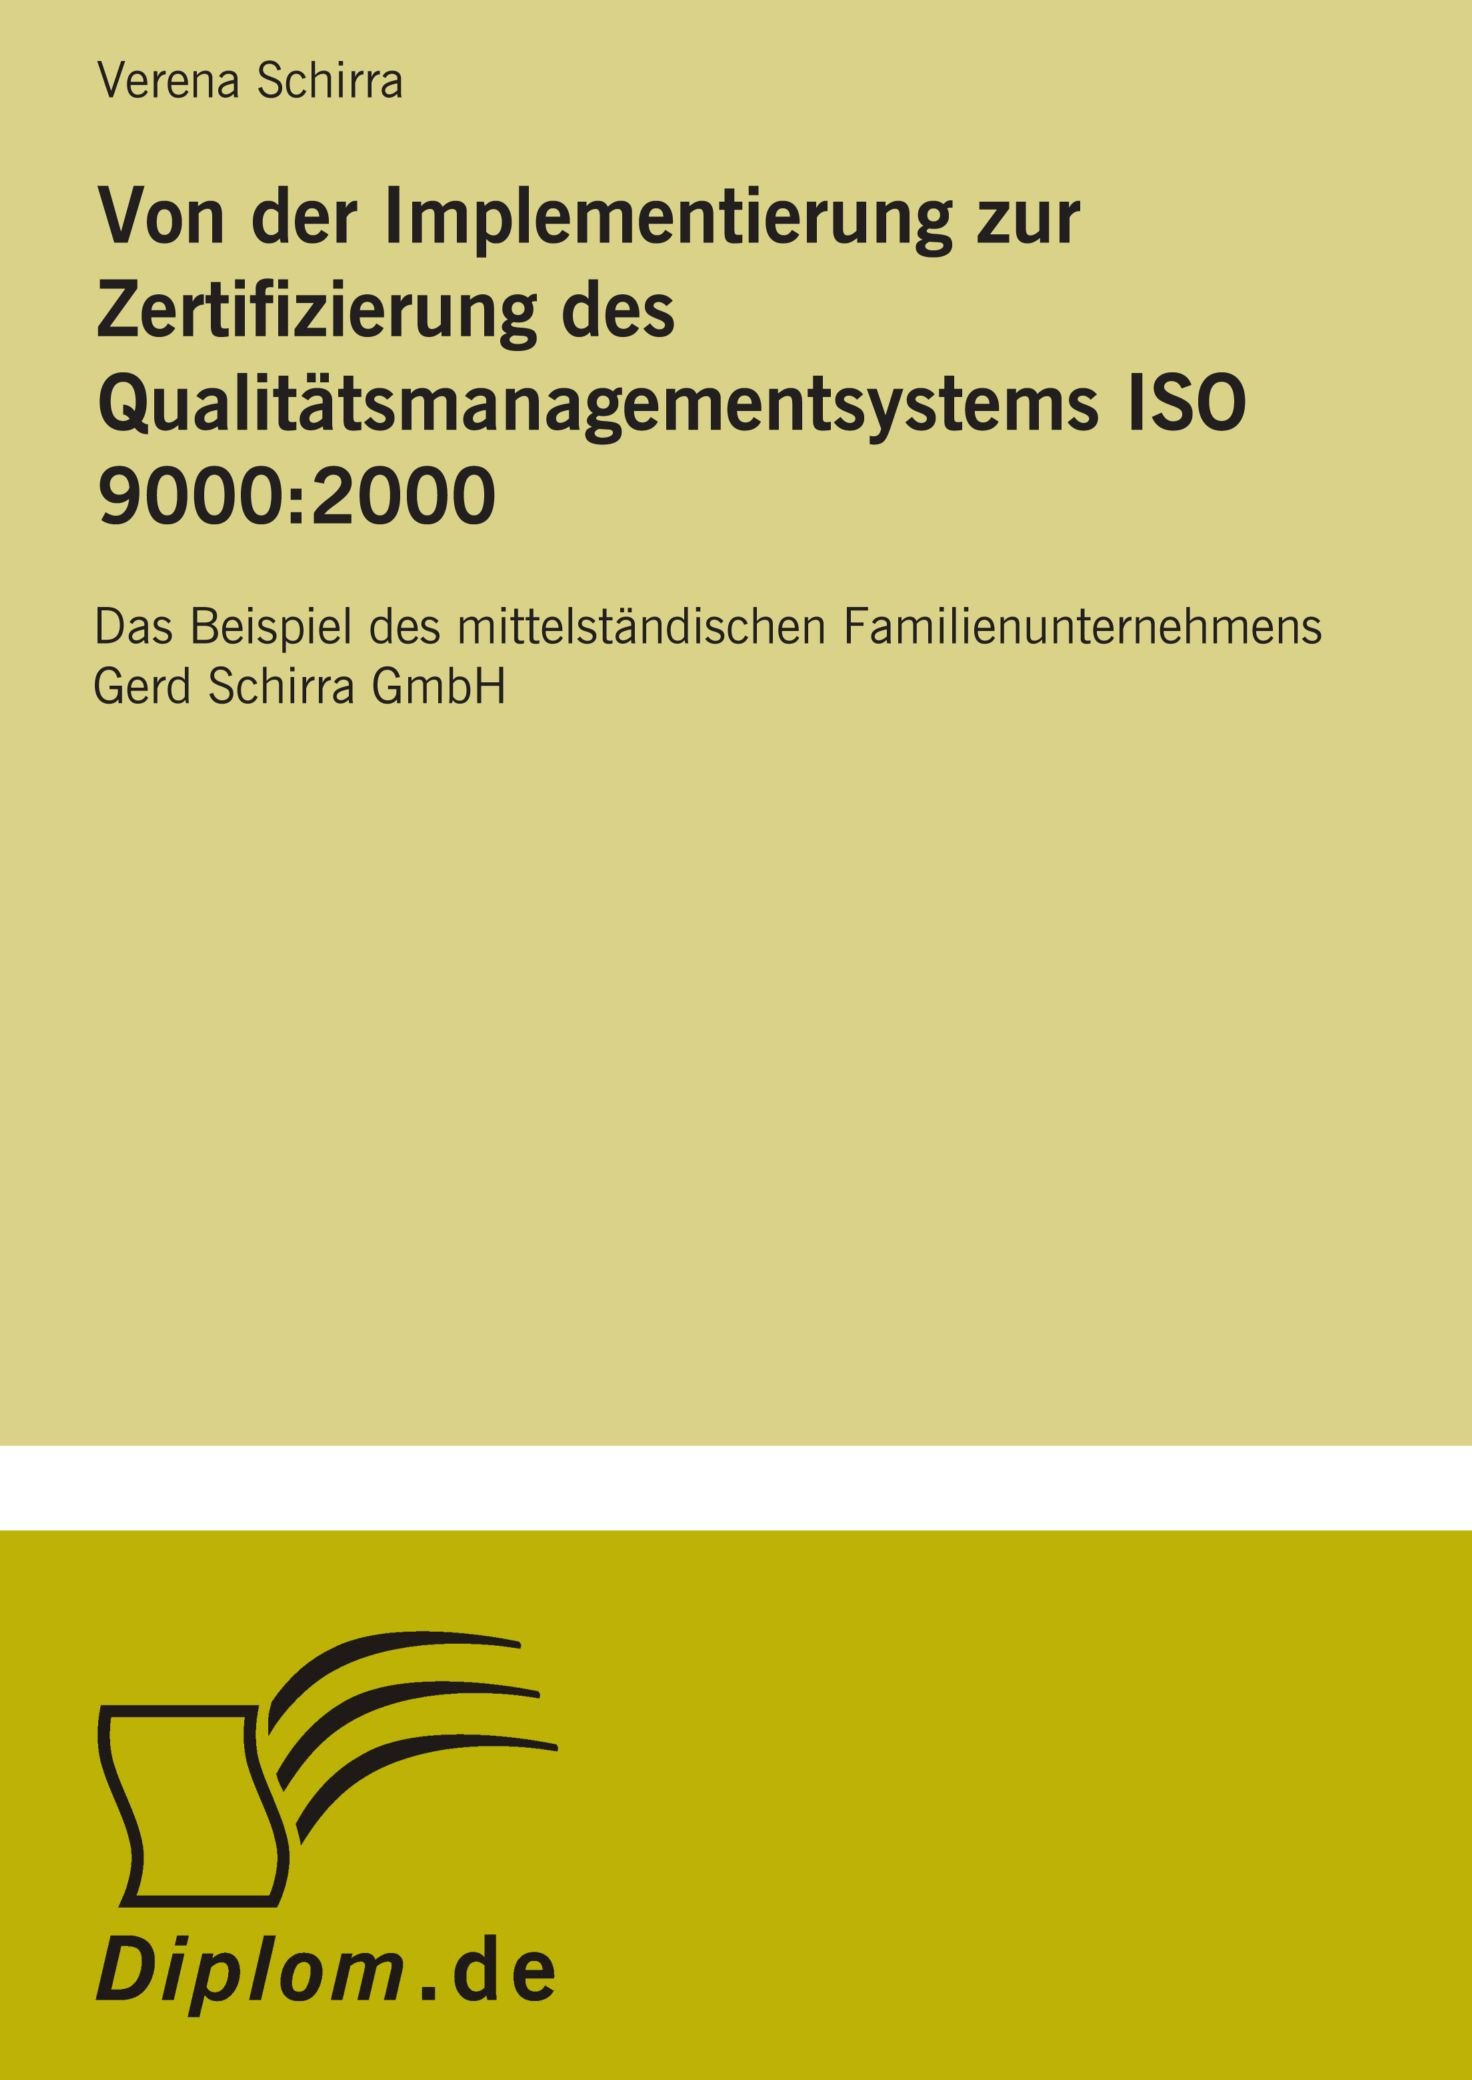 Von der Implementierung zur Zertifizierung des Qualitätsmanagementsystems ISO 9000:2000: Das Beispiel des mittelständischen Familienunternehmens Gerd Schirra GmbH (German Edition) pdf epub